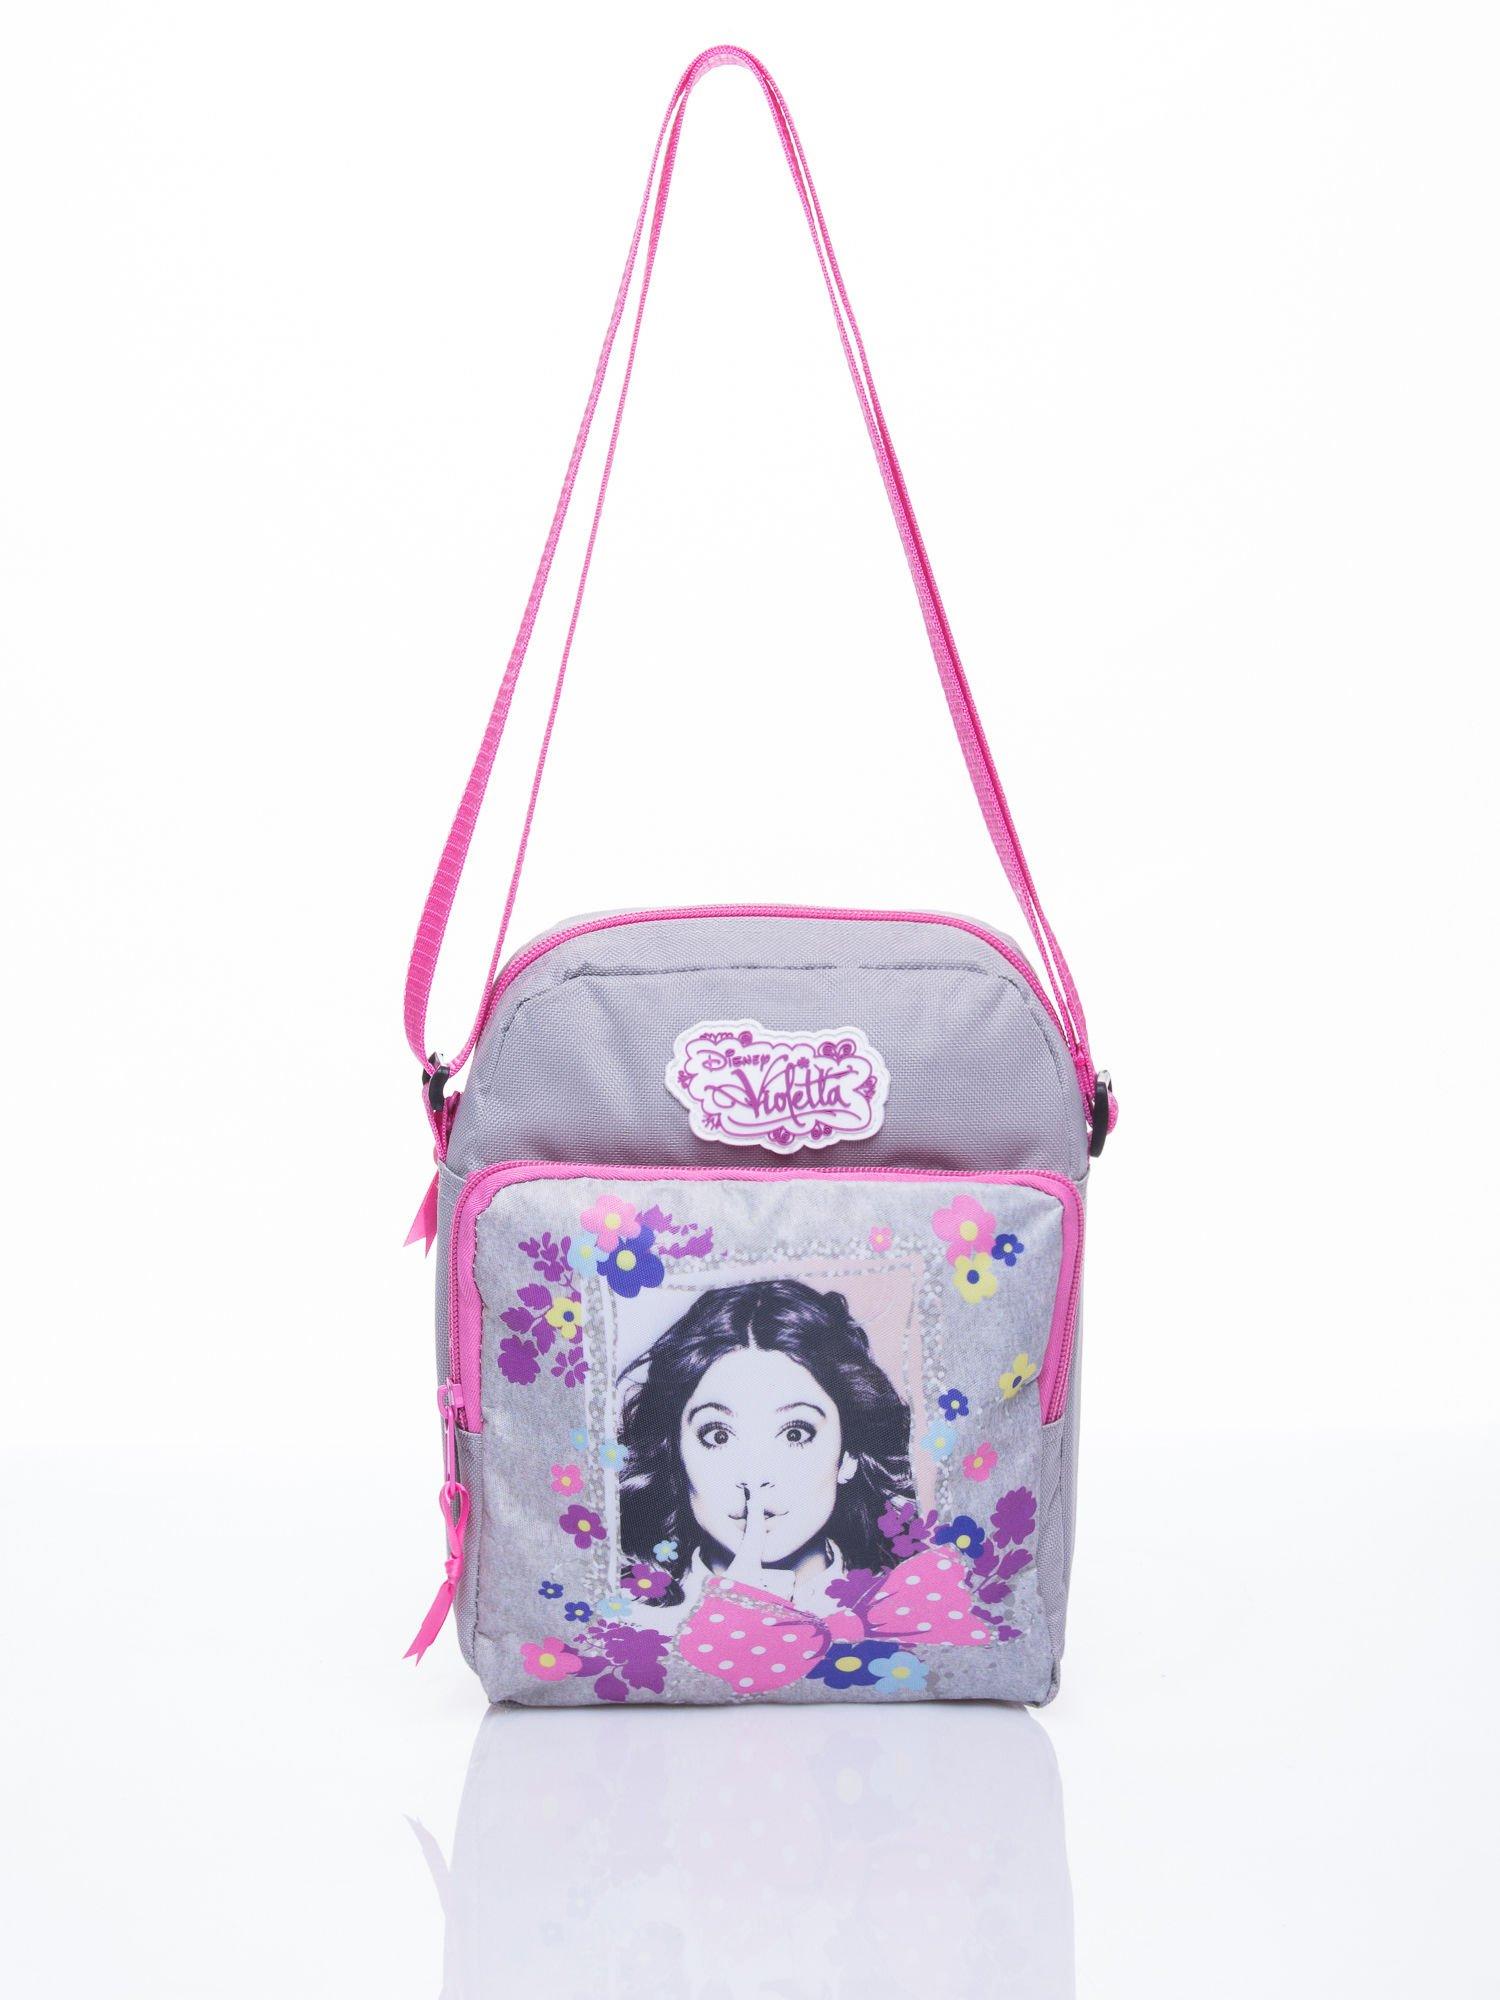 Szara pionowa torba szkolna DISNEY Violetta                                  zdj.                                  1